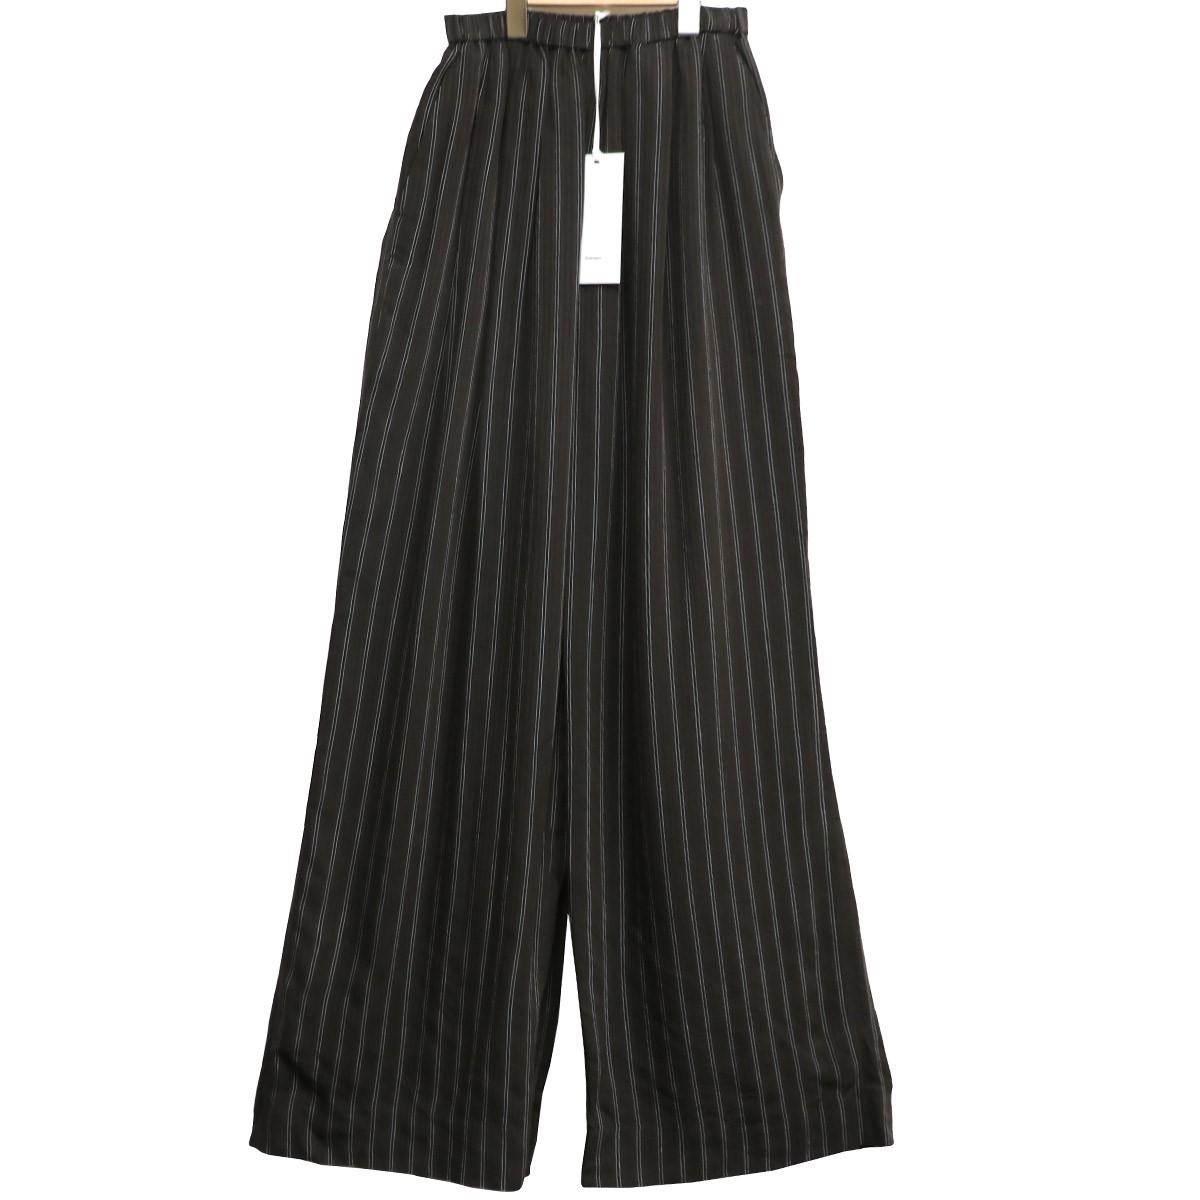 【中古】Graphpaper 19AW Stripe Gather Pantsストライプギャザーワイドパンツ ブラウン×ブラック サイズ:Free(~92cm) 【040420】(グラフペーパー)